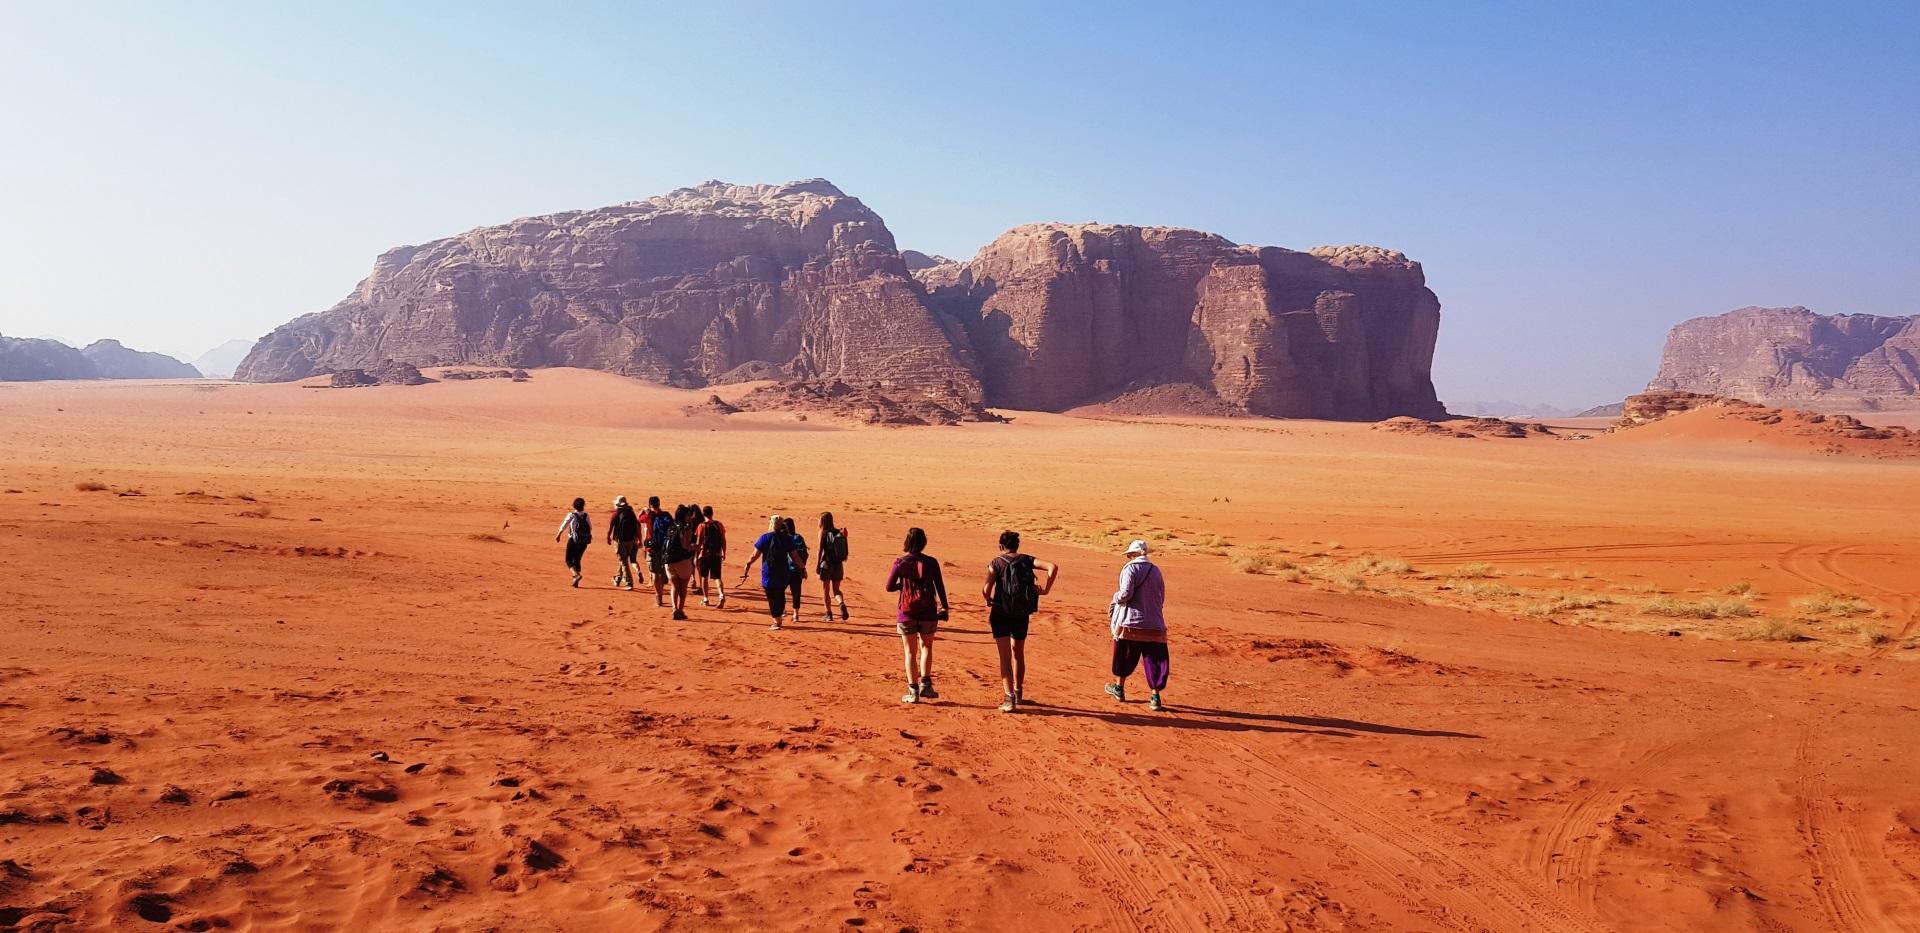 Visiter Wadi Rum - Jordanie